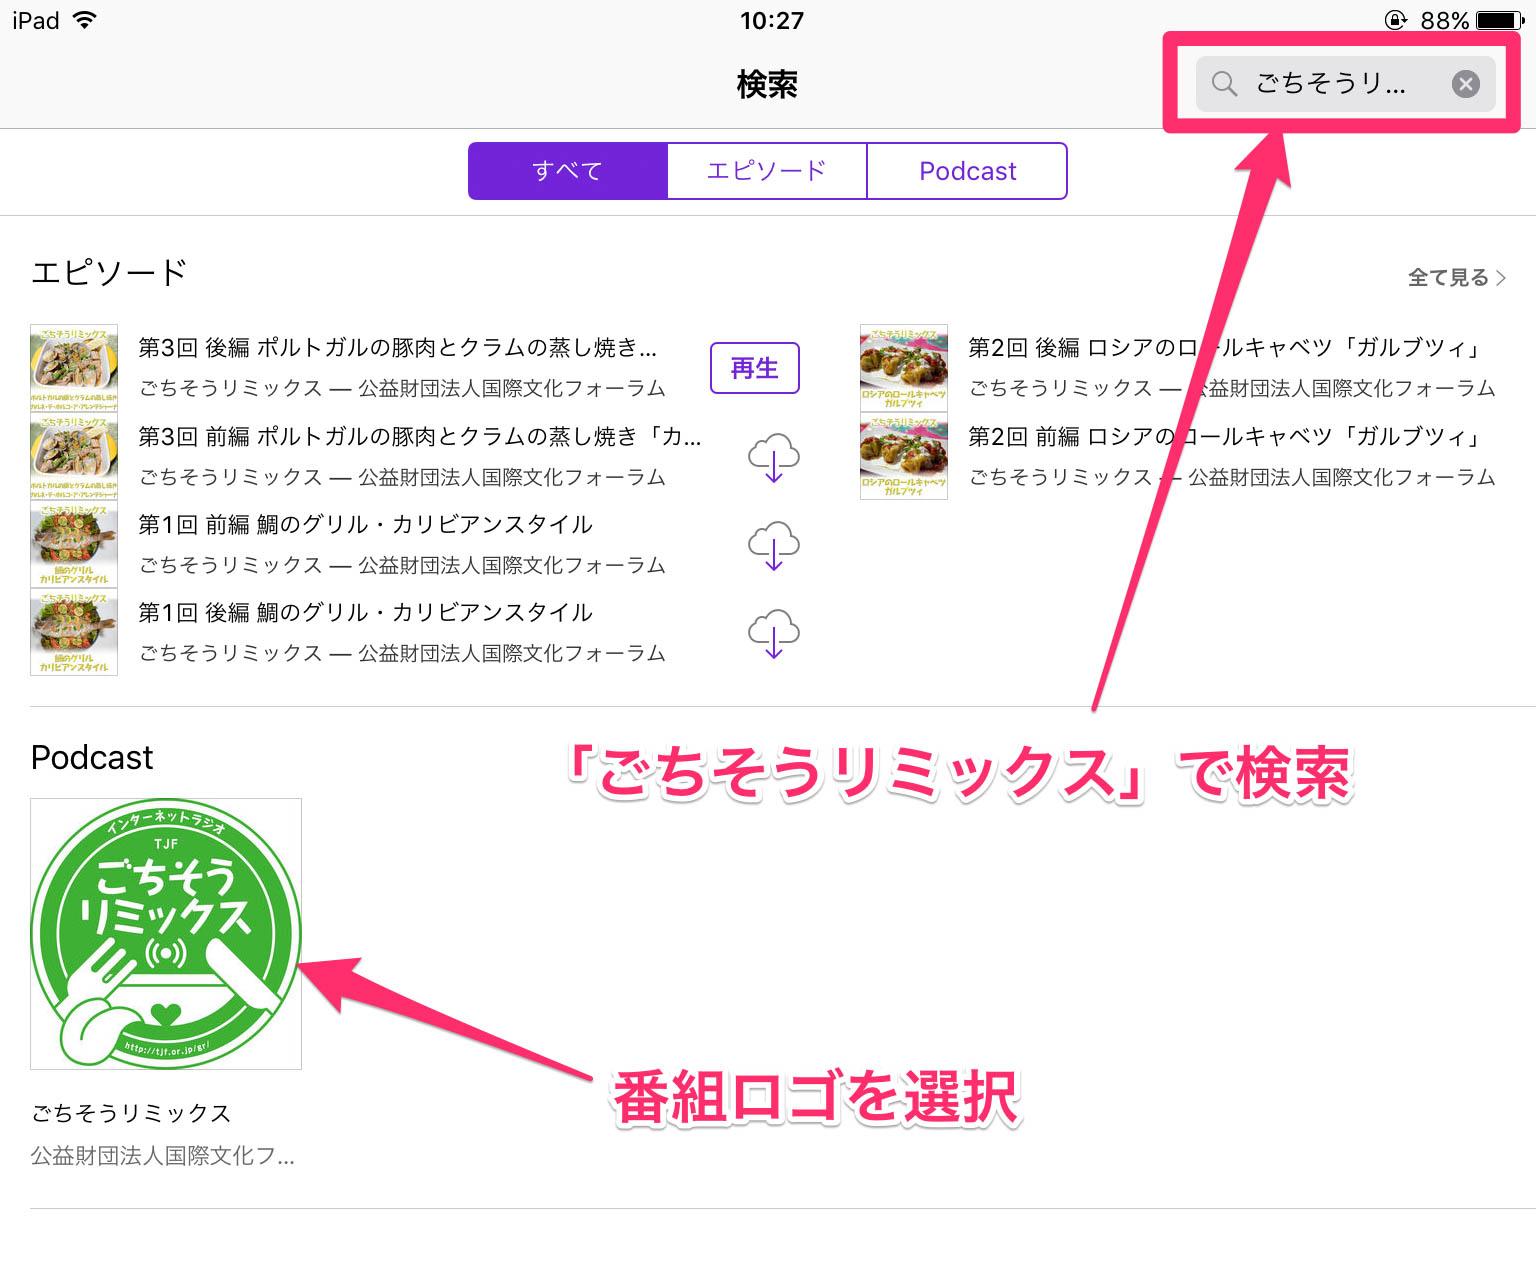 iOS-2016-03-22_10_28_04.jpg